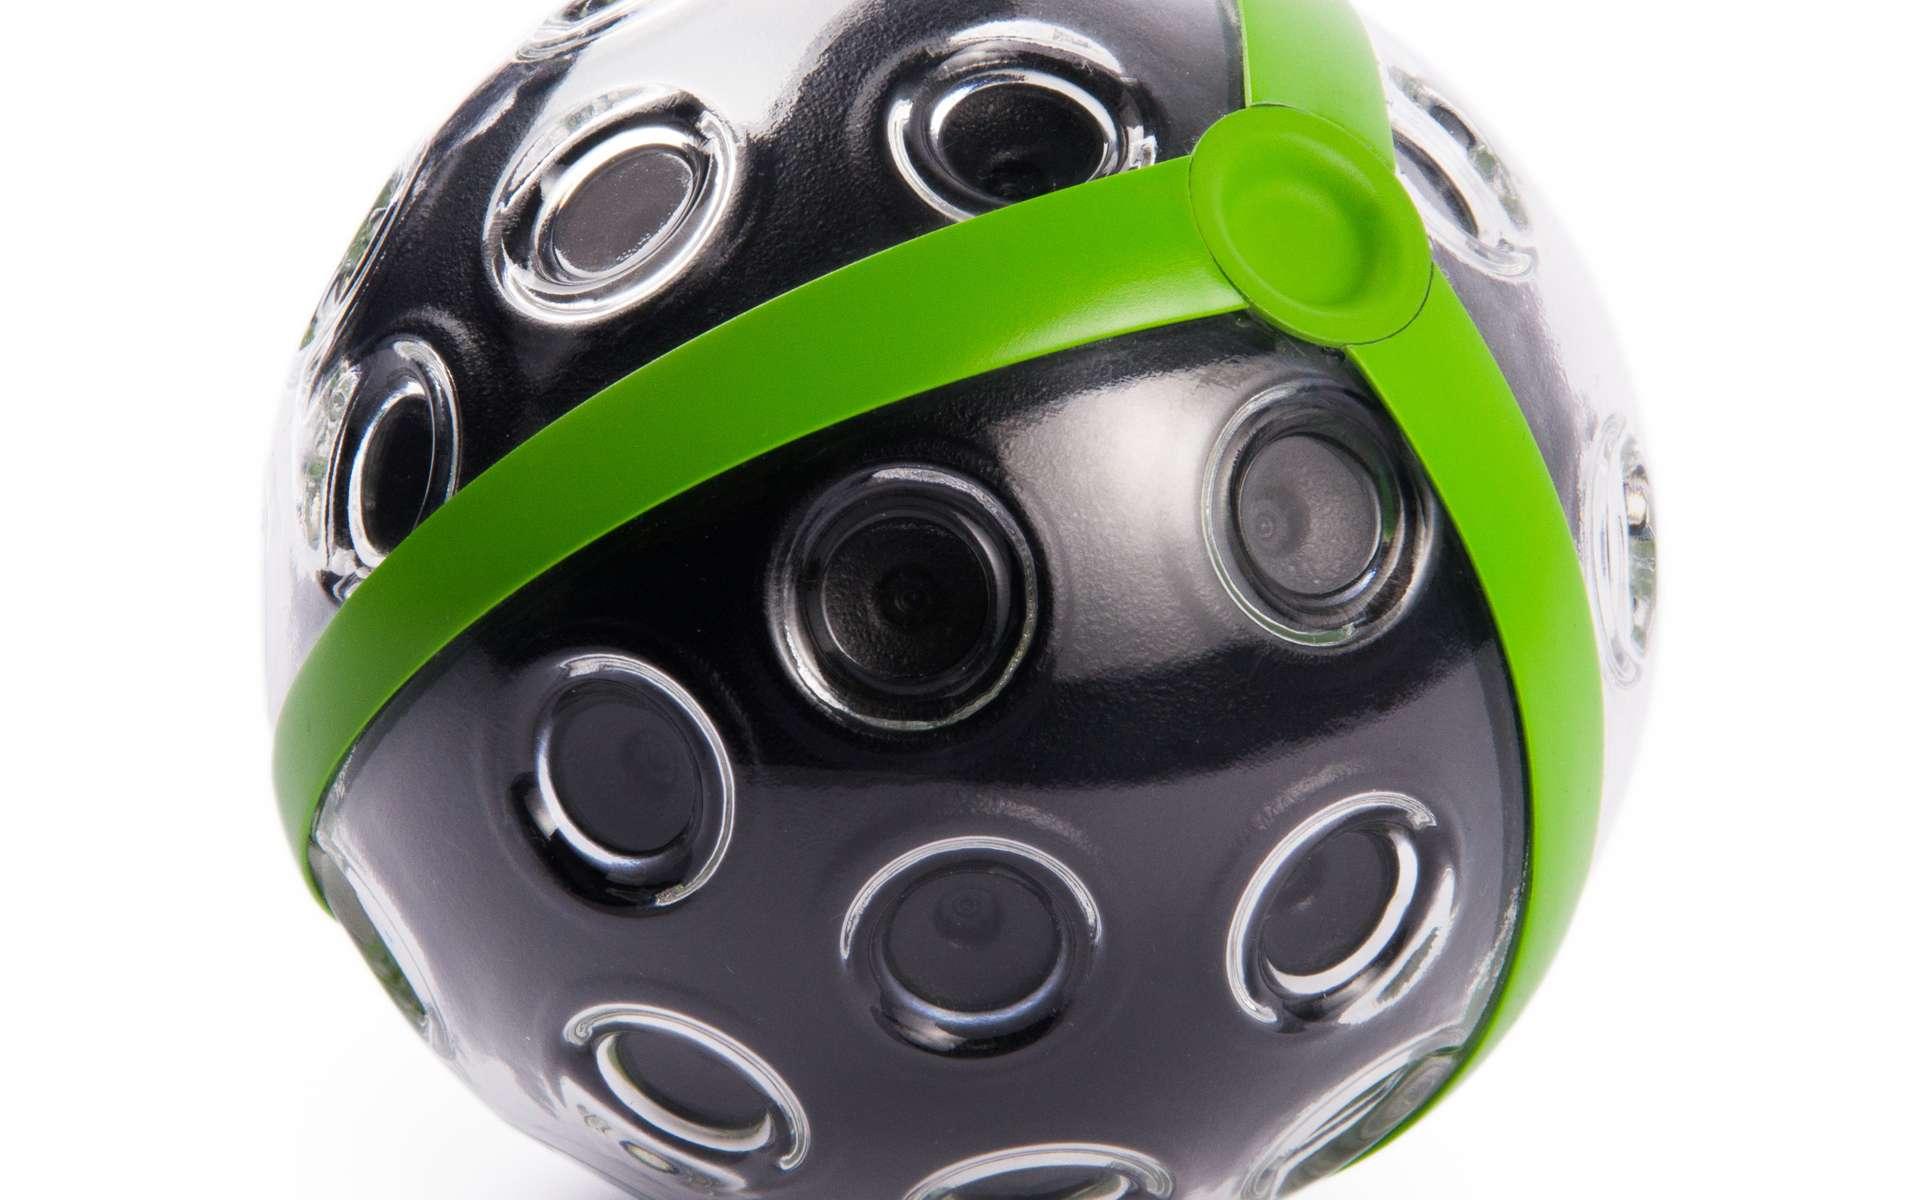 En forme de ballon, l'appareil photo Panono mesure 11 cm de diamètre. Il renferme 36 capteurs photo qui produisent une image panoramique de 72 mégapixels. L'appareil est conçu pour résister en cas de chute « d'une hauteur normale » lorsqu'il est lancé en l'air à la force des bras. © Panono